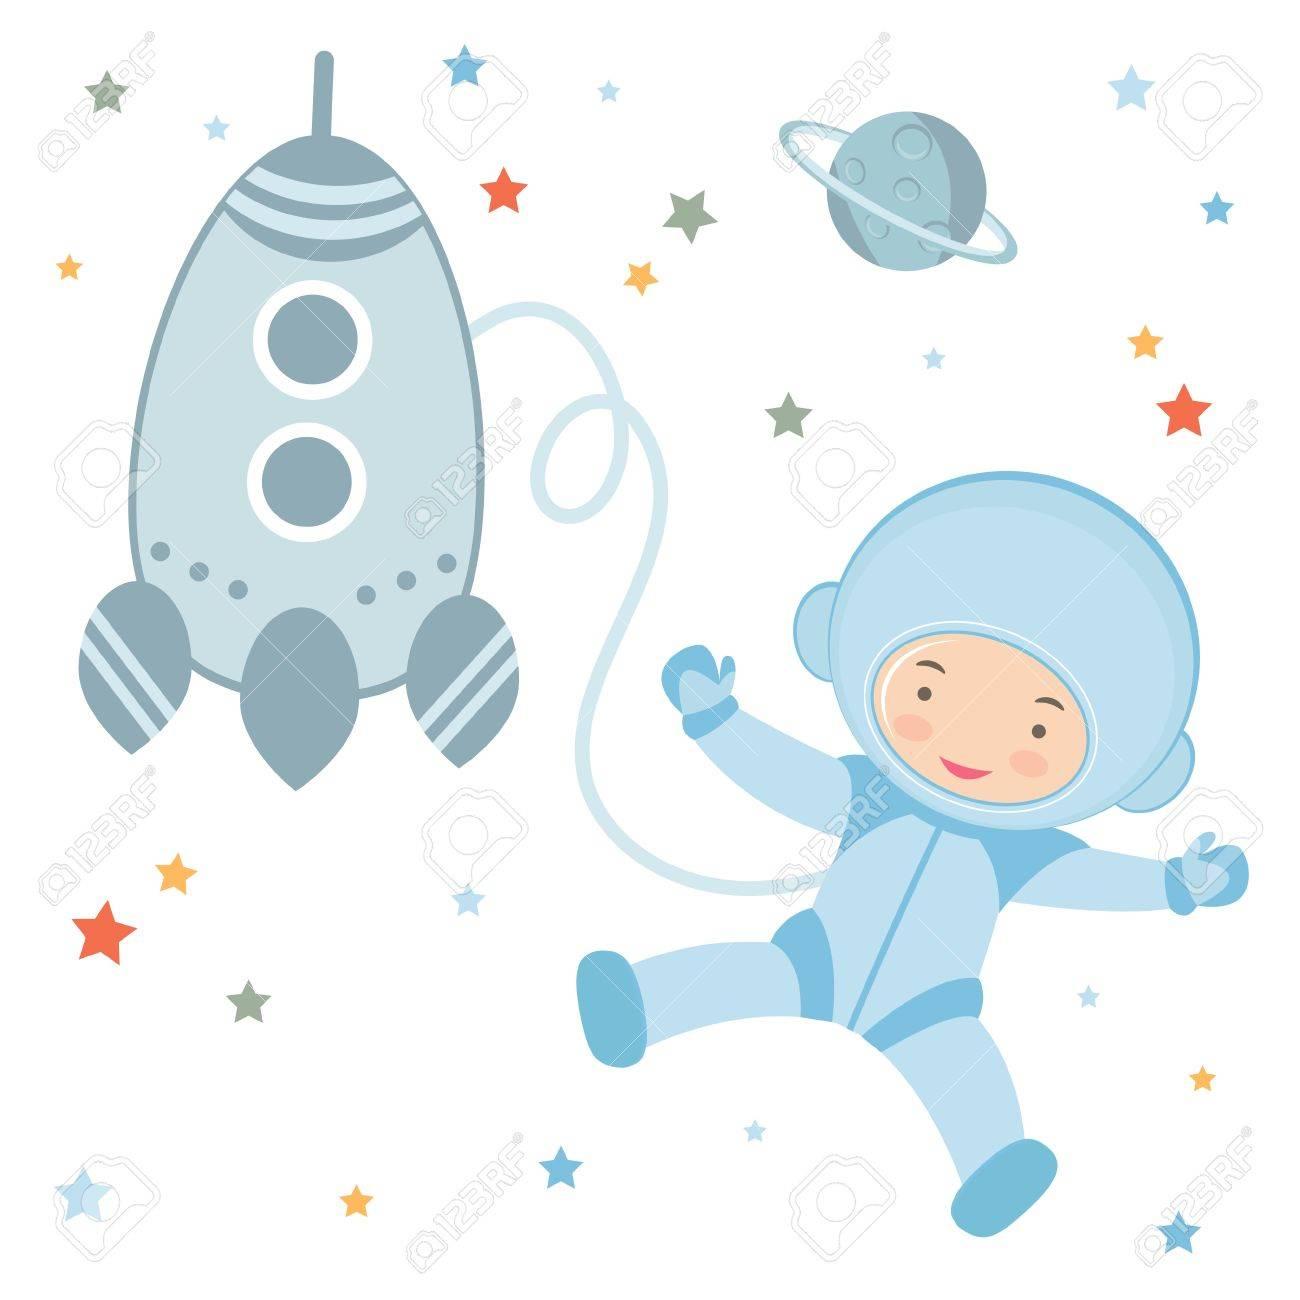 宇宙空間でかわいい小さな宇宙飛行士のイラストのイラスト素材ベクタ